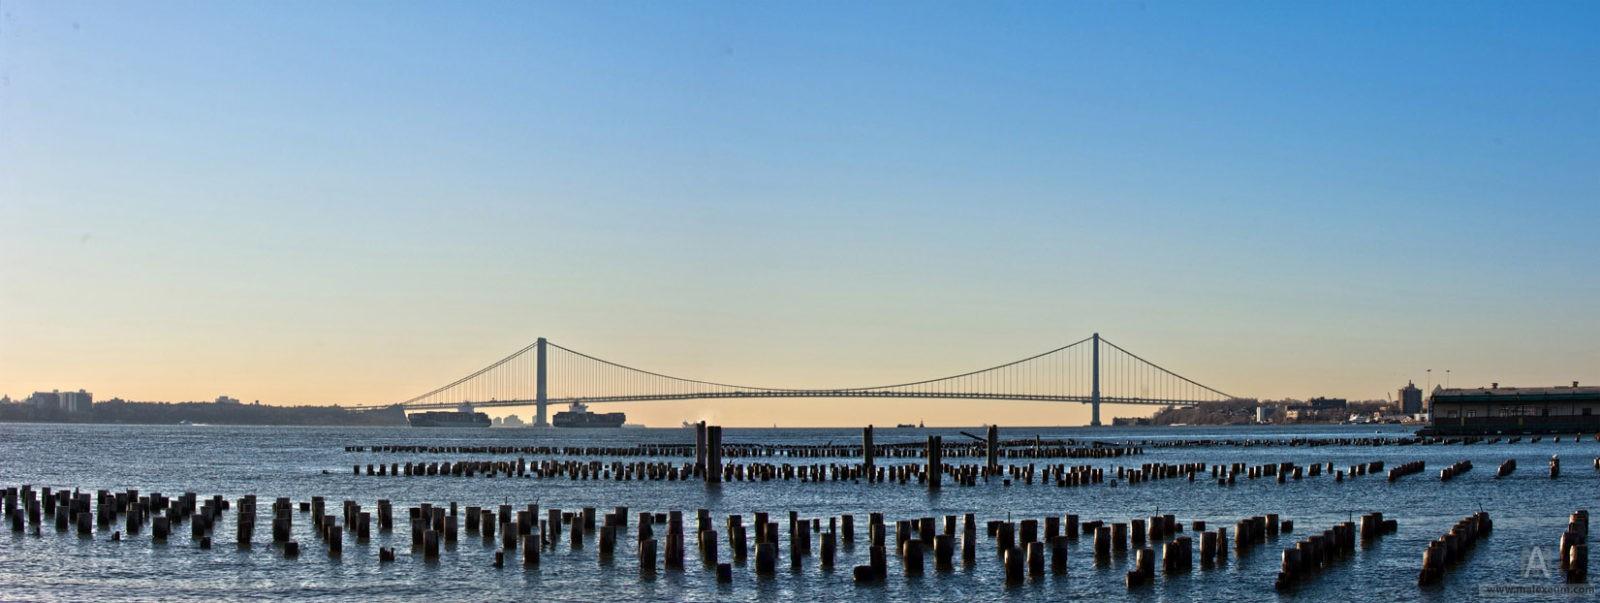 Мост Verrazano Bridage на рассвете с острова Статен-Айленд.